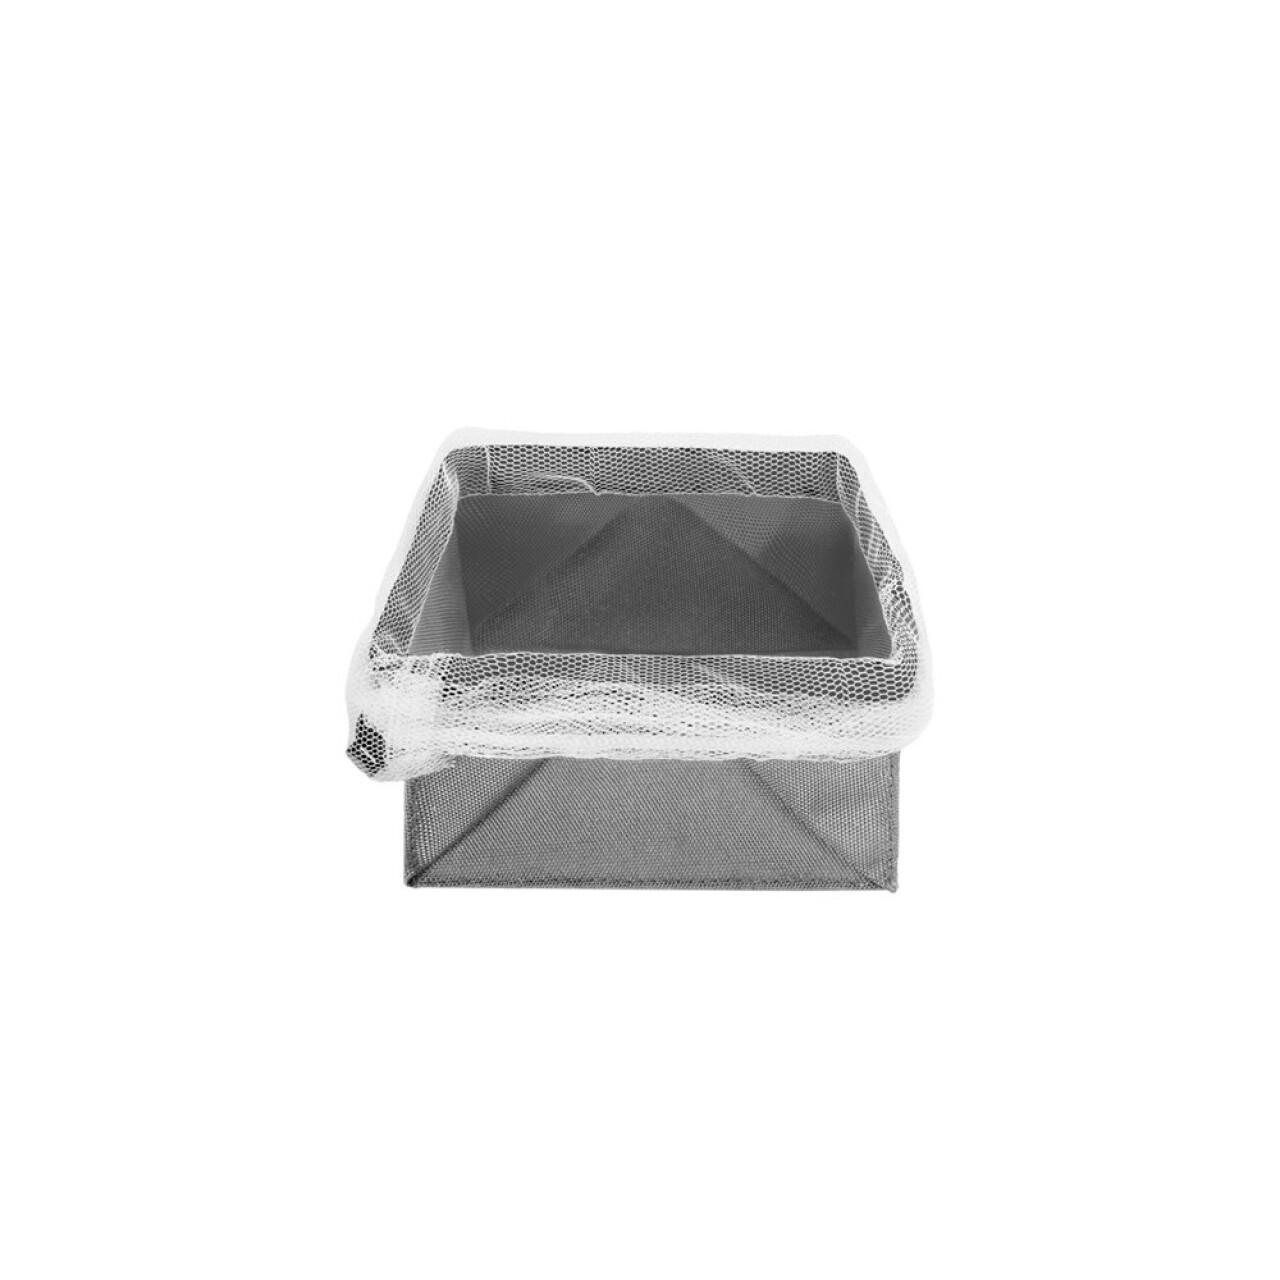 Cutie pliabila pentru depozitare Metaltex, 12 x 12 cm, poliester/poliamida, gri